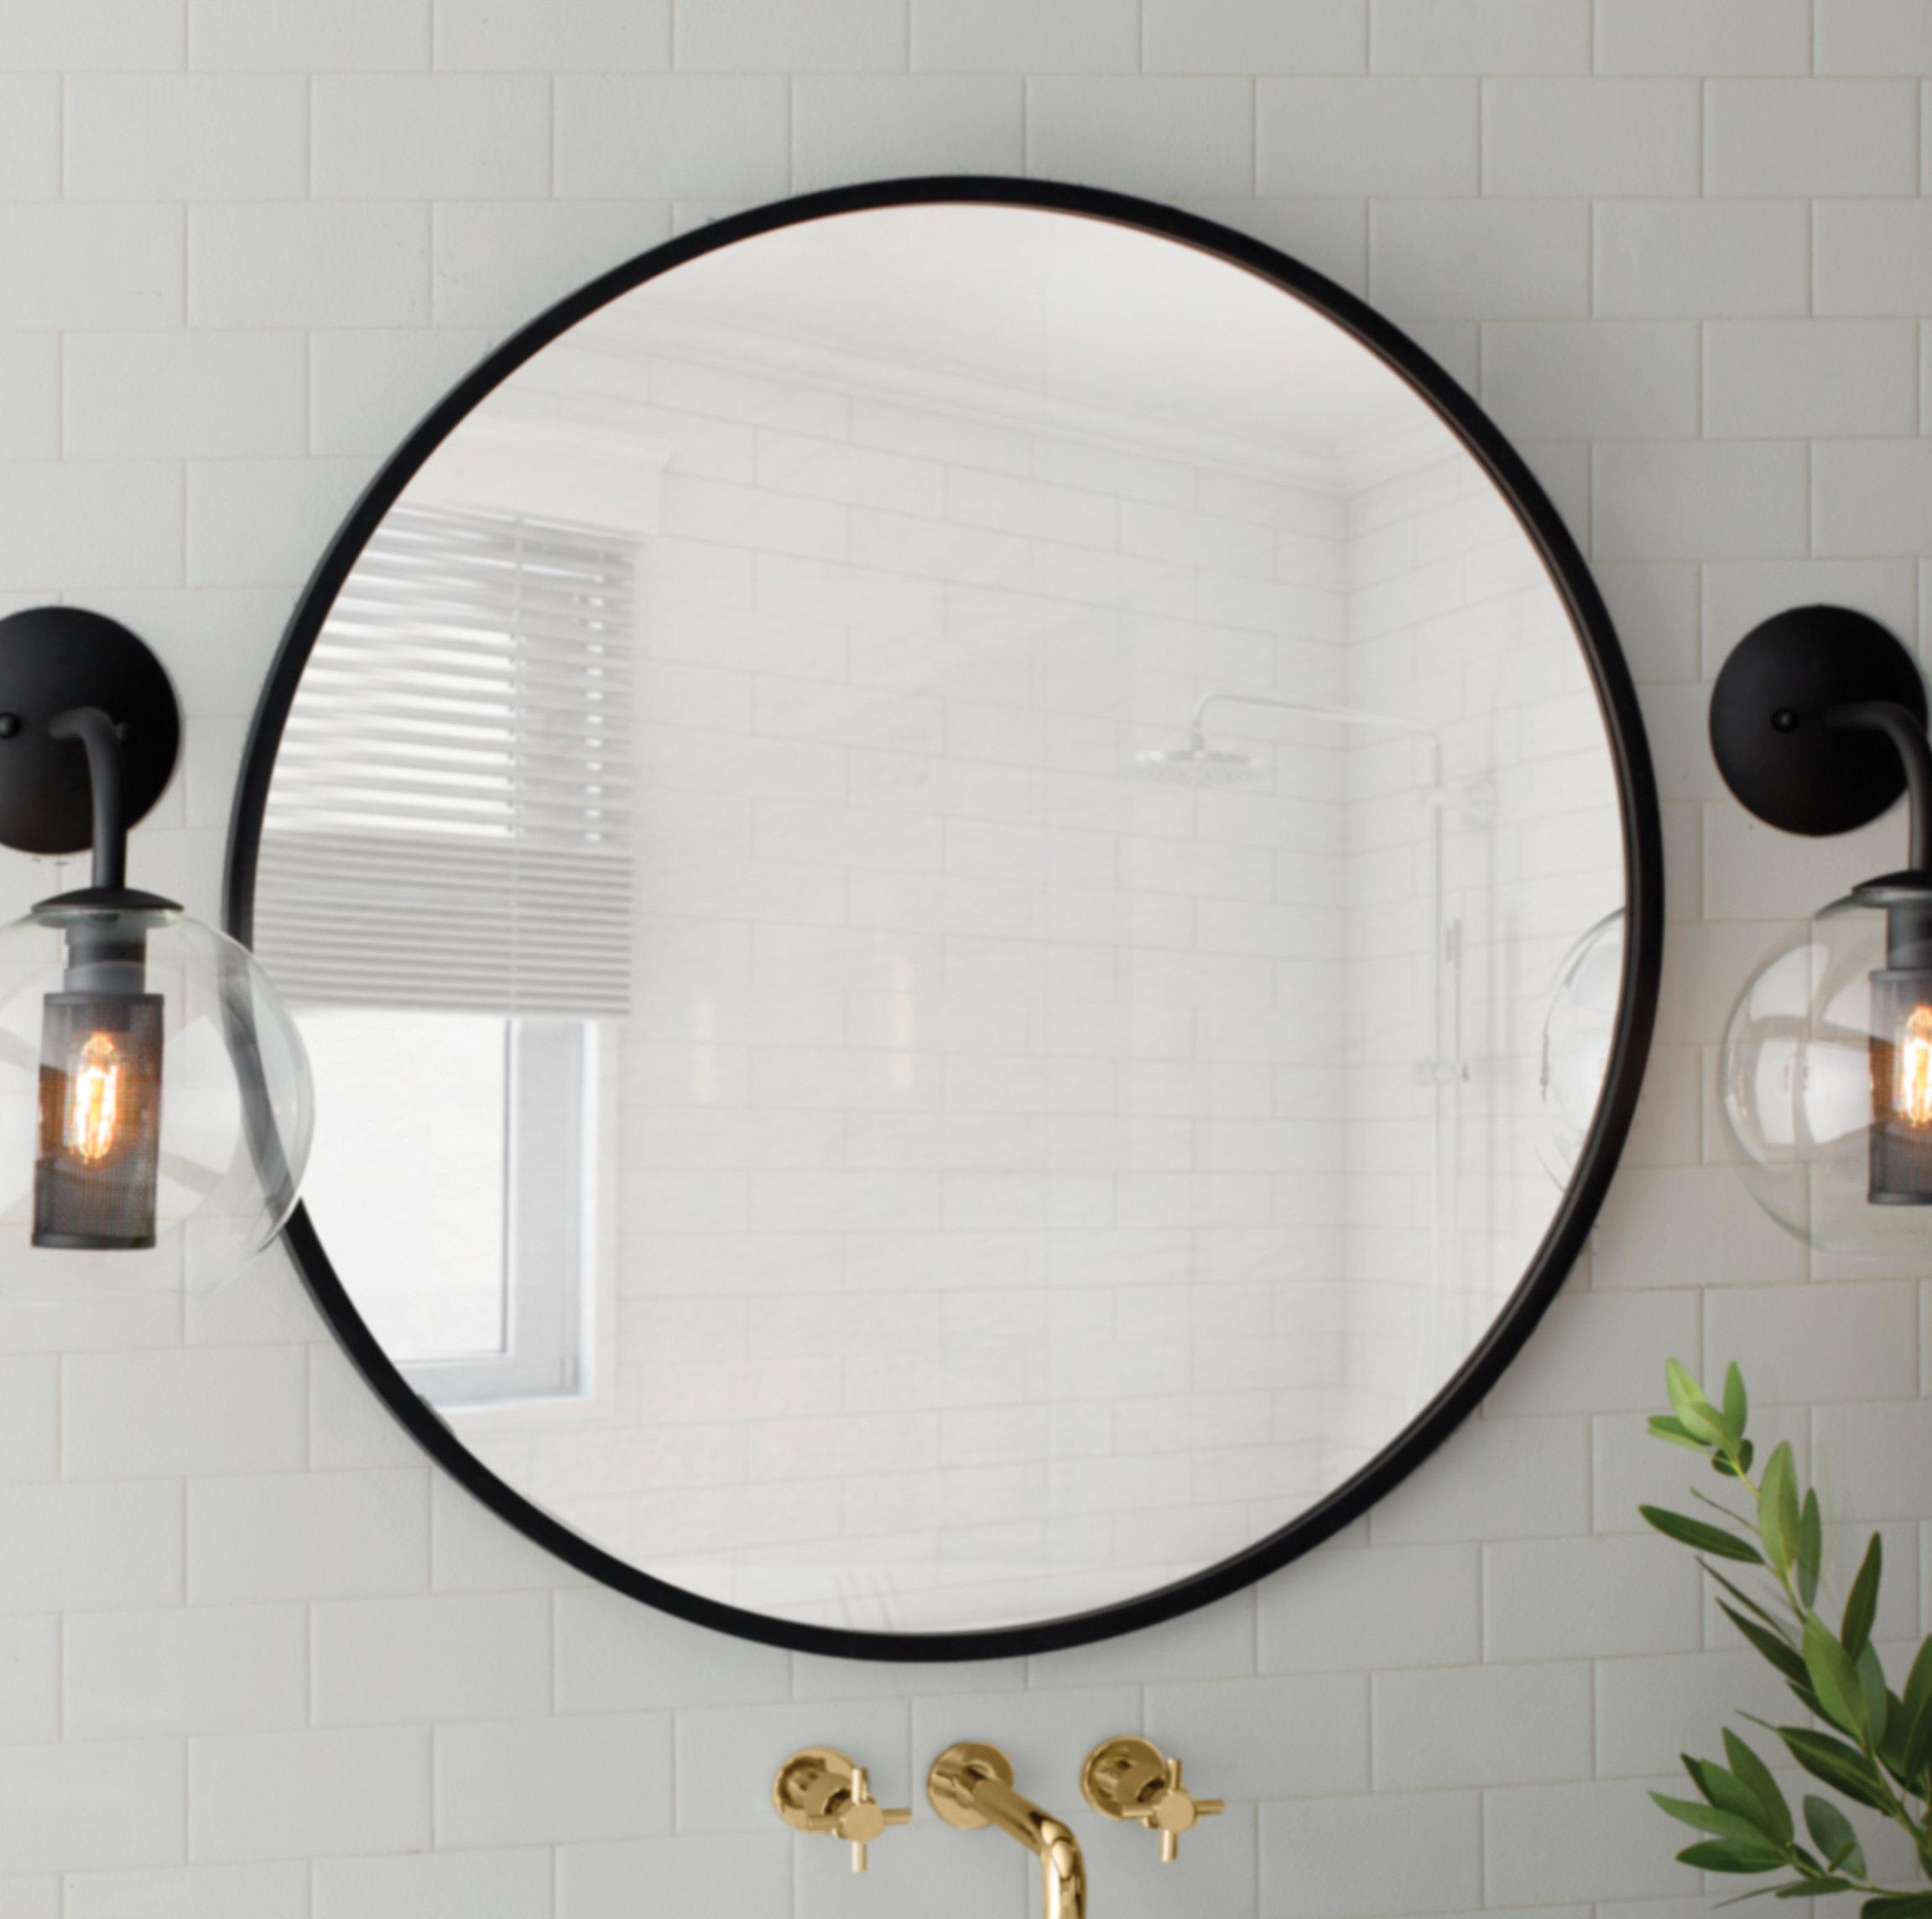 Modern & Contemporary 40 Inch Round Mirror | Allmodern In Point Reyes Molten Round Wall Mirrors (View 16 of 20)